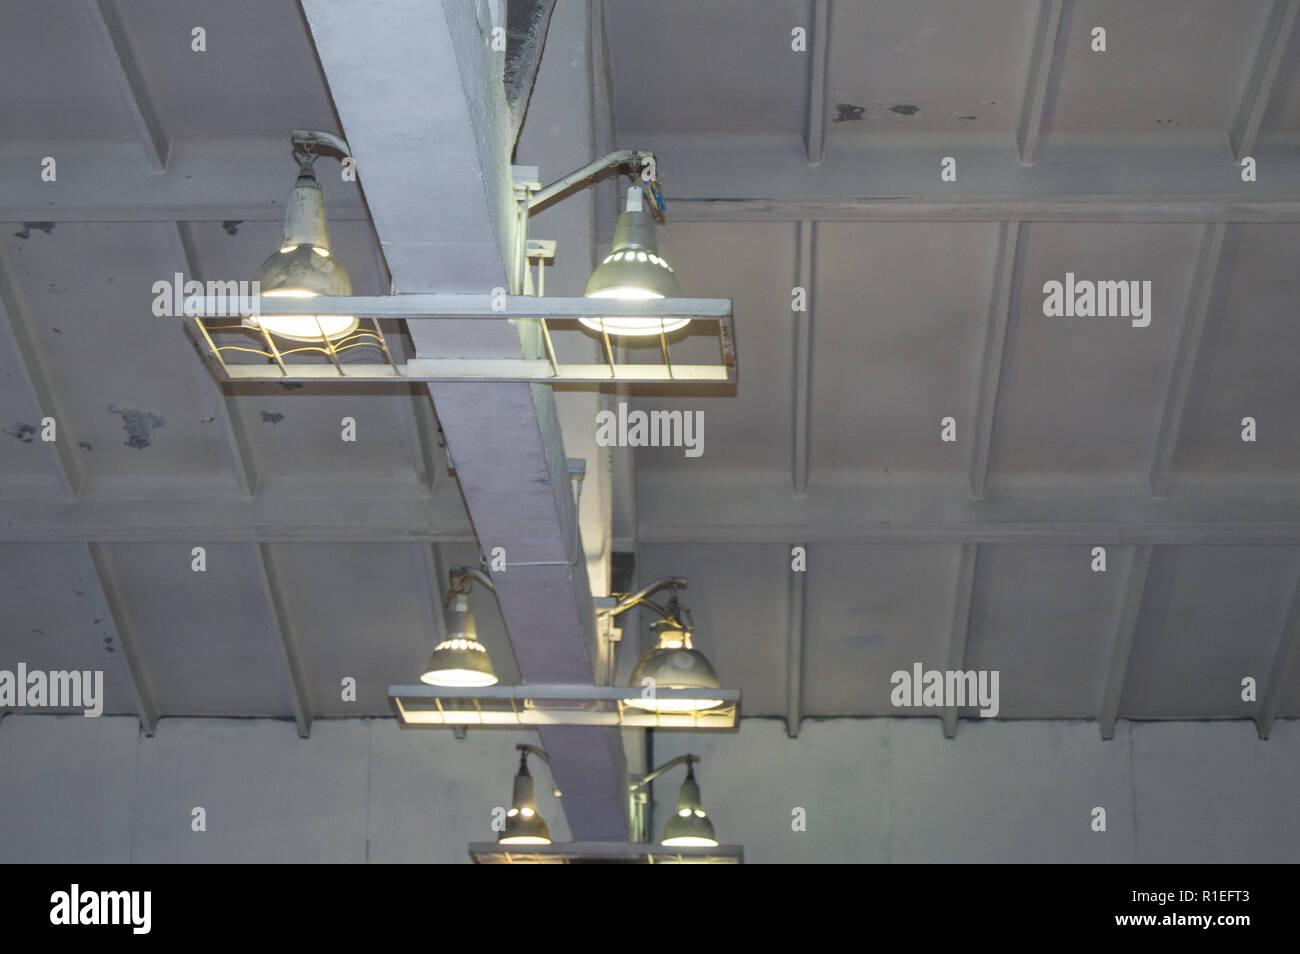 Illuminazione con lampade situato sul soffitto in una camera